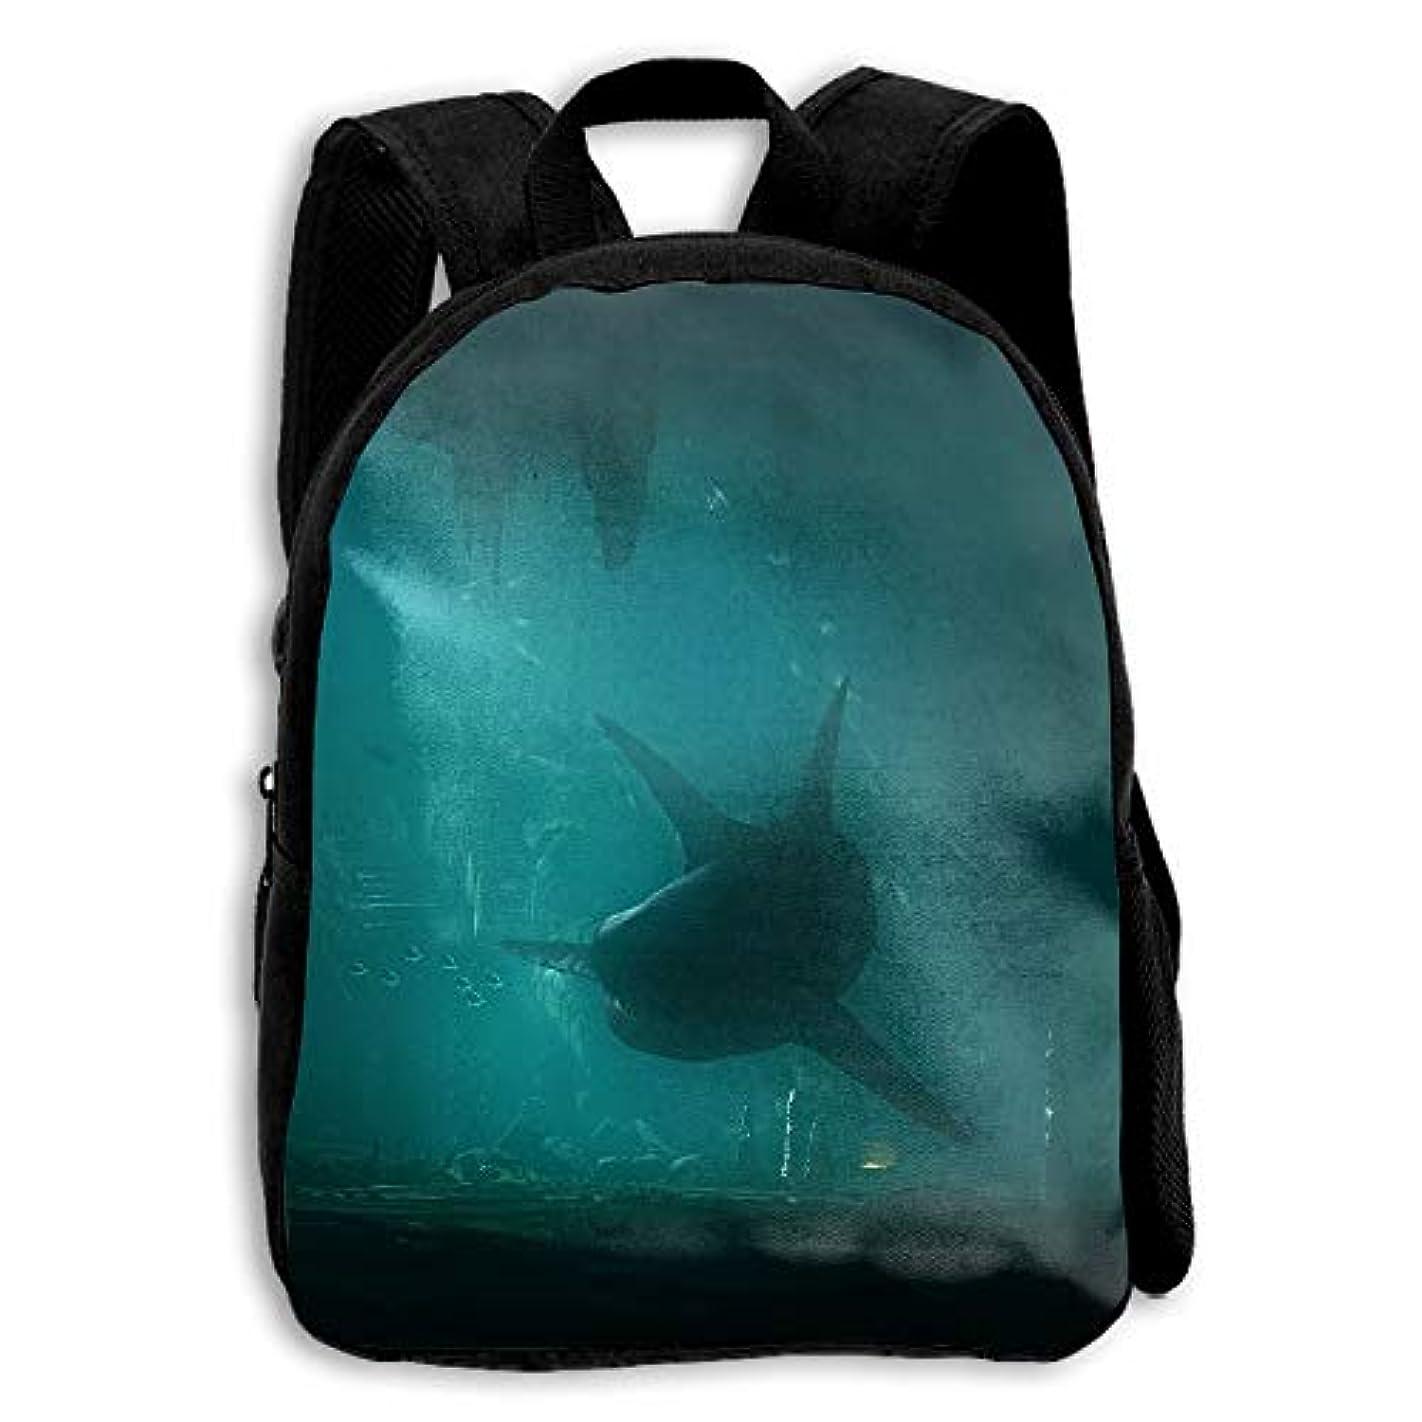 雇用者相互磁石キッズ バックパック 子供用 リュックサック 水中サメ ショルダー デイパック アウトドア 男の子 女の子 通学 旅行 遠足